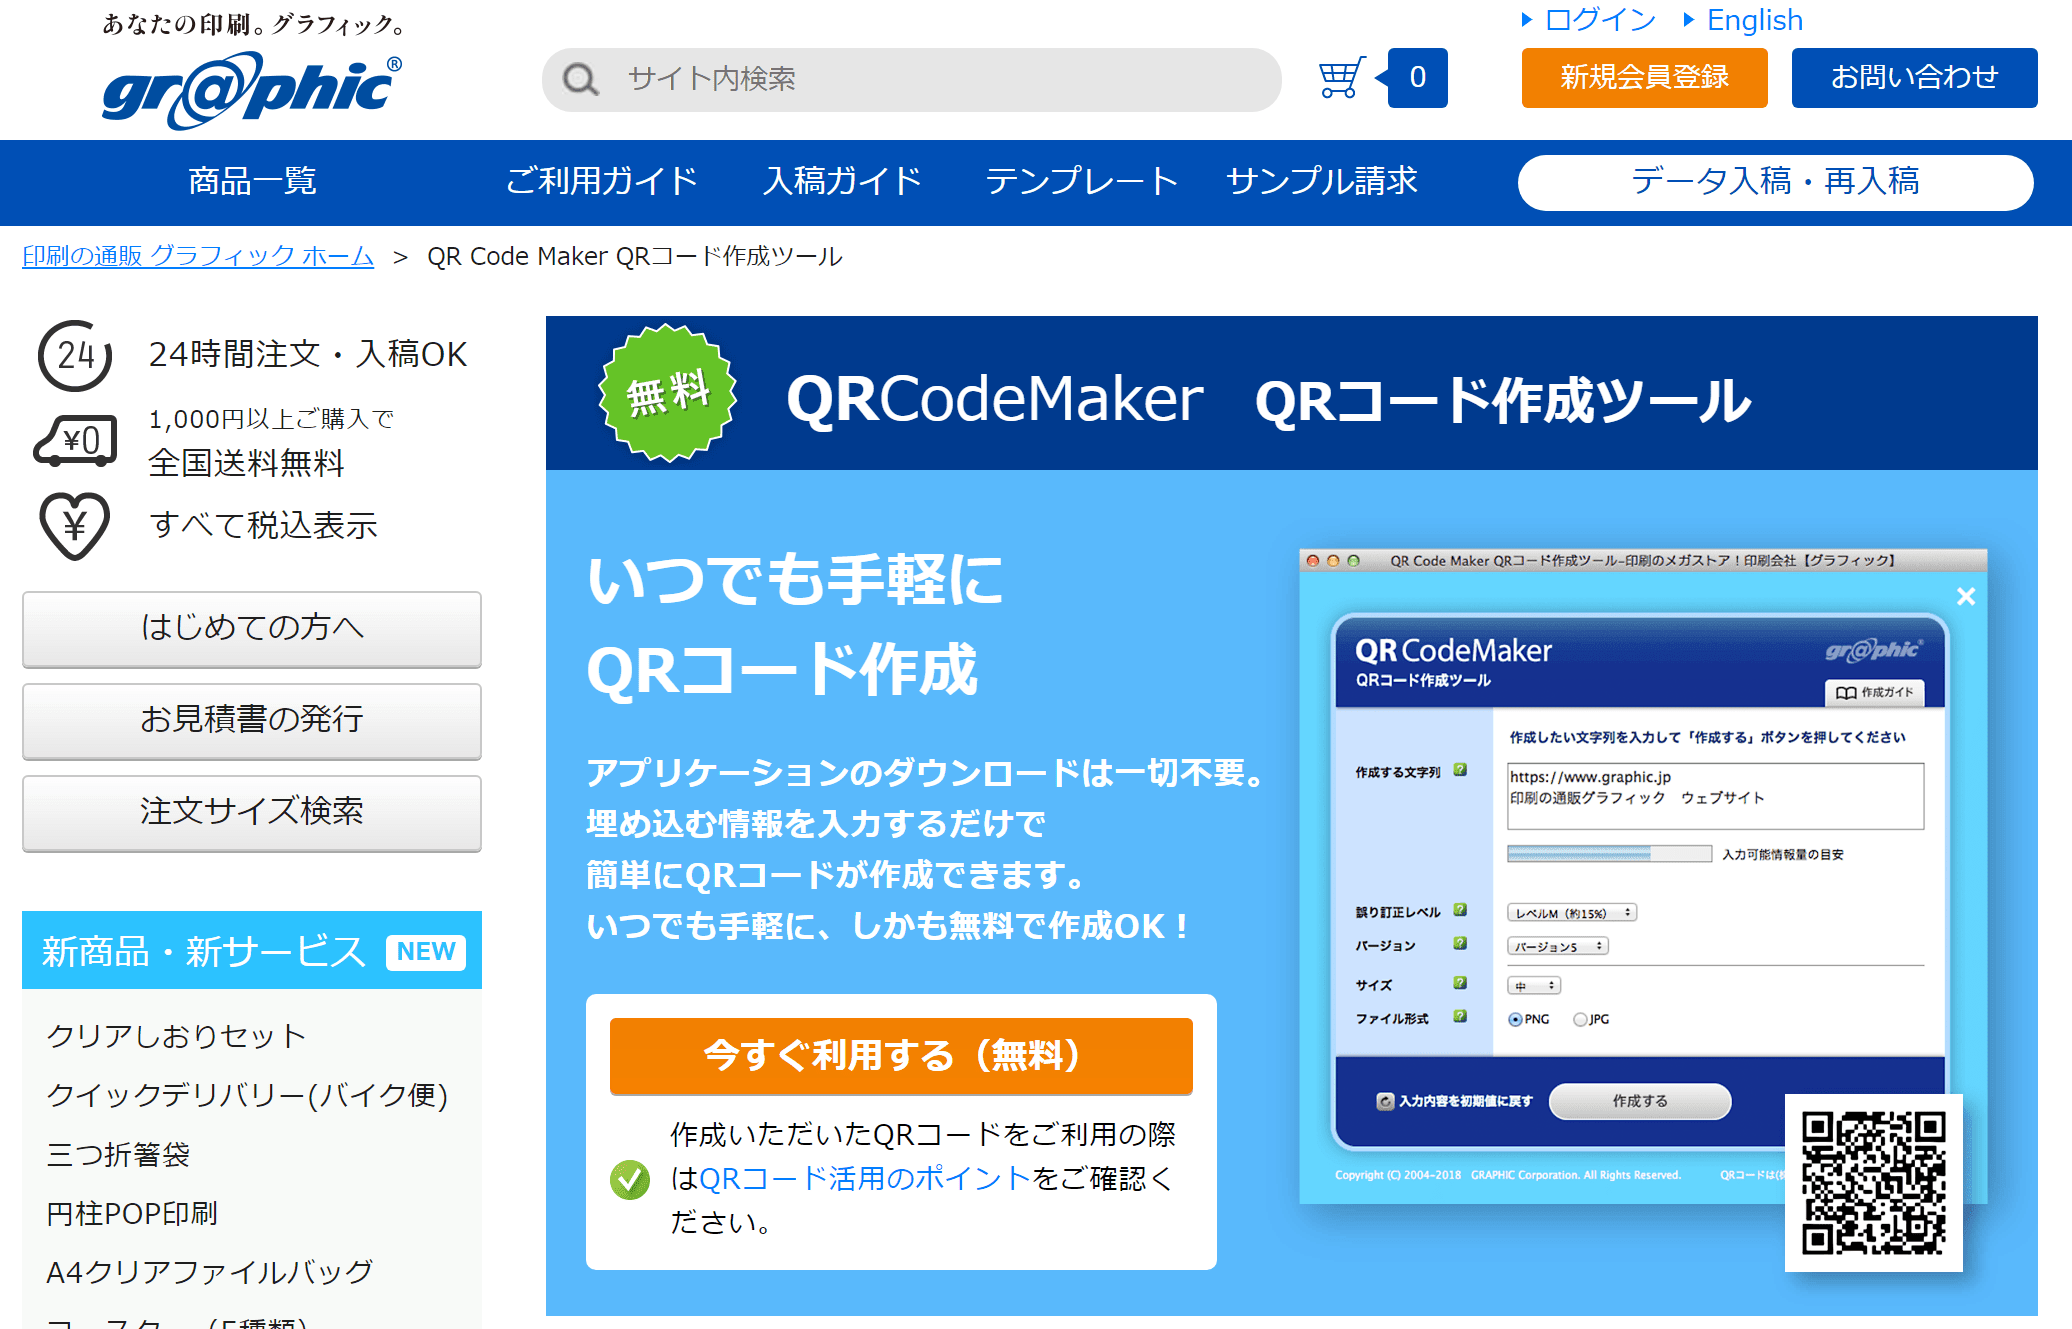 印刷通販グラフィックのQRコード作成ツールのスクリーンショット